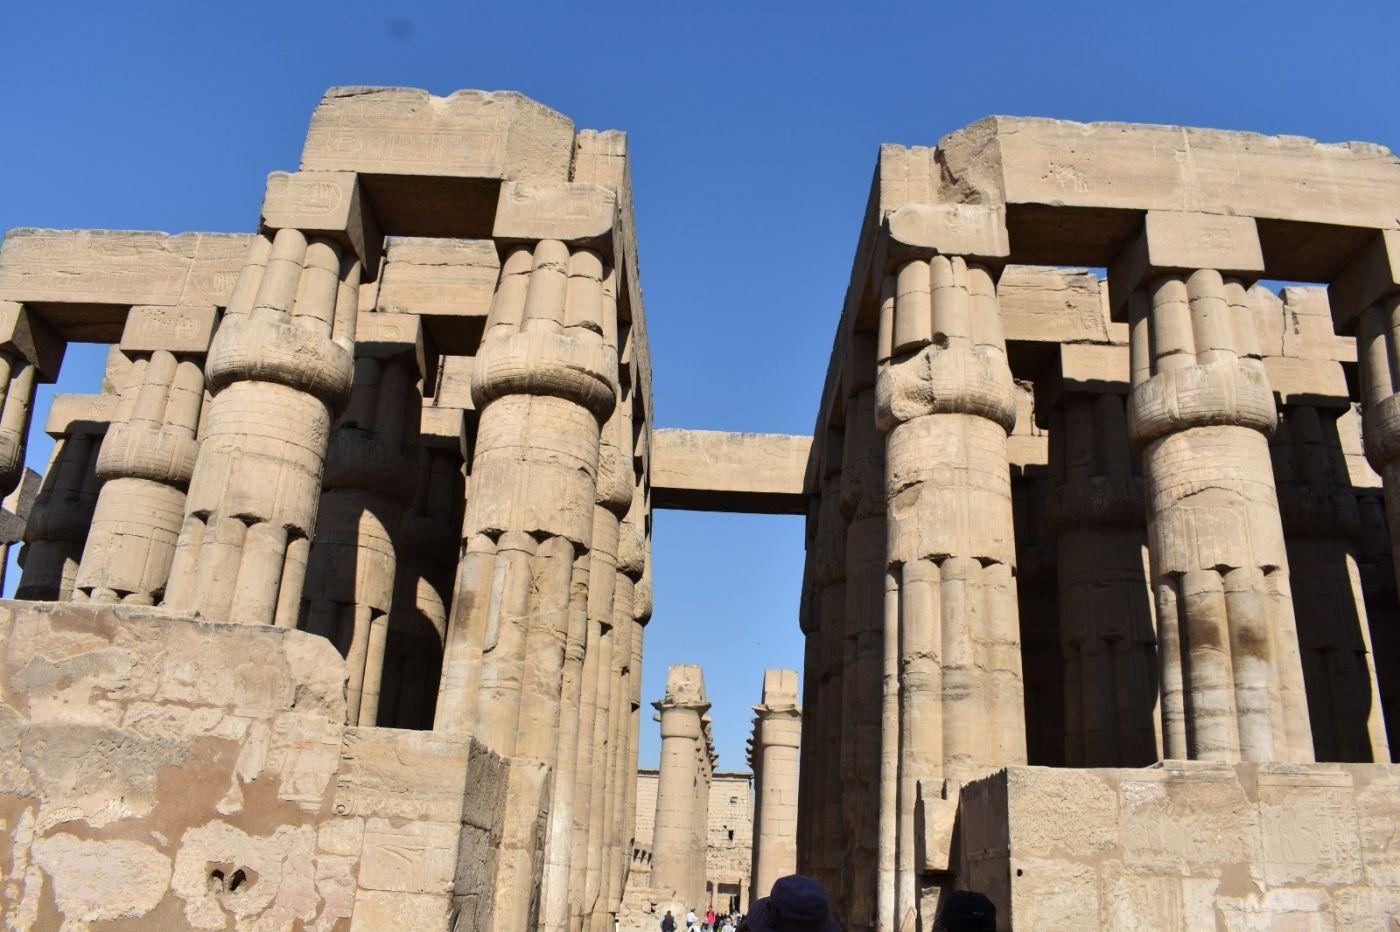 埃德富神庙和卢克索神庙_图1-37